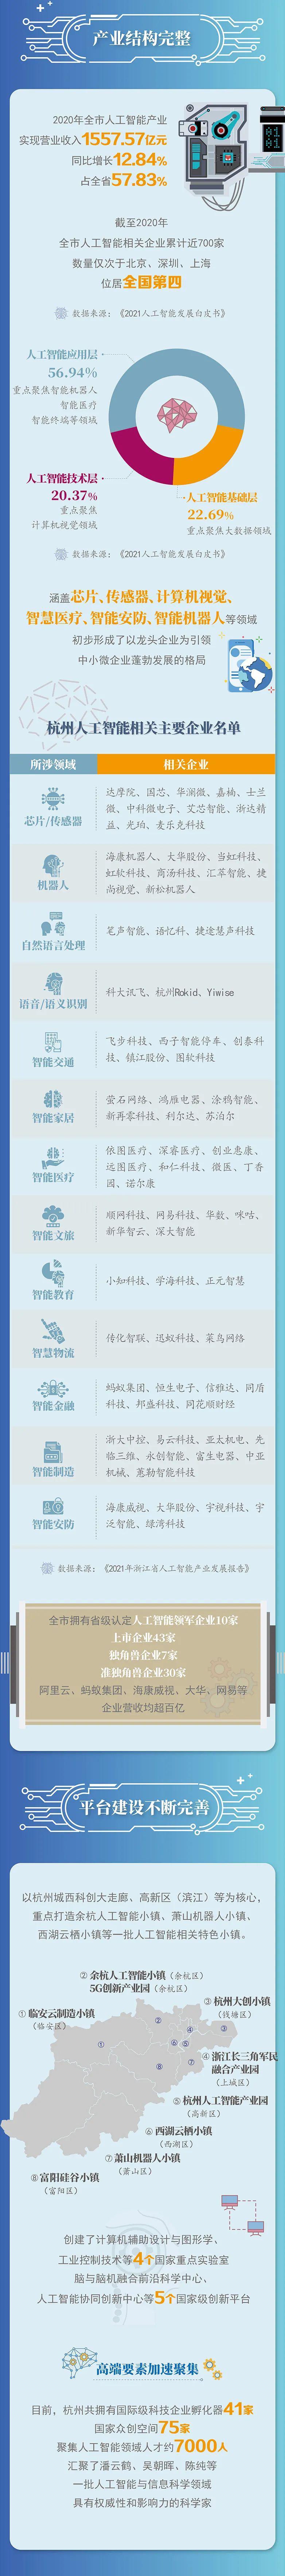 杭州人工智能